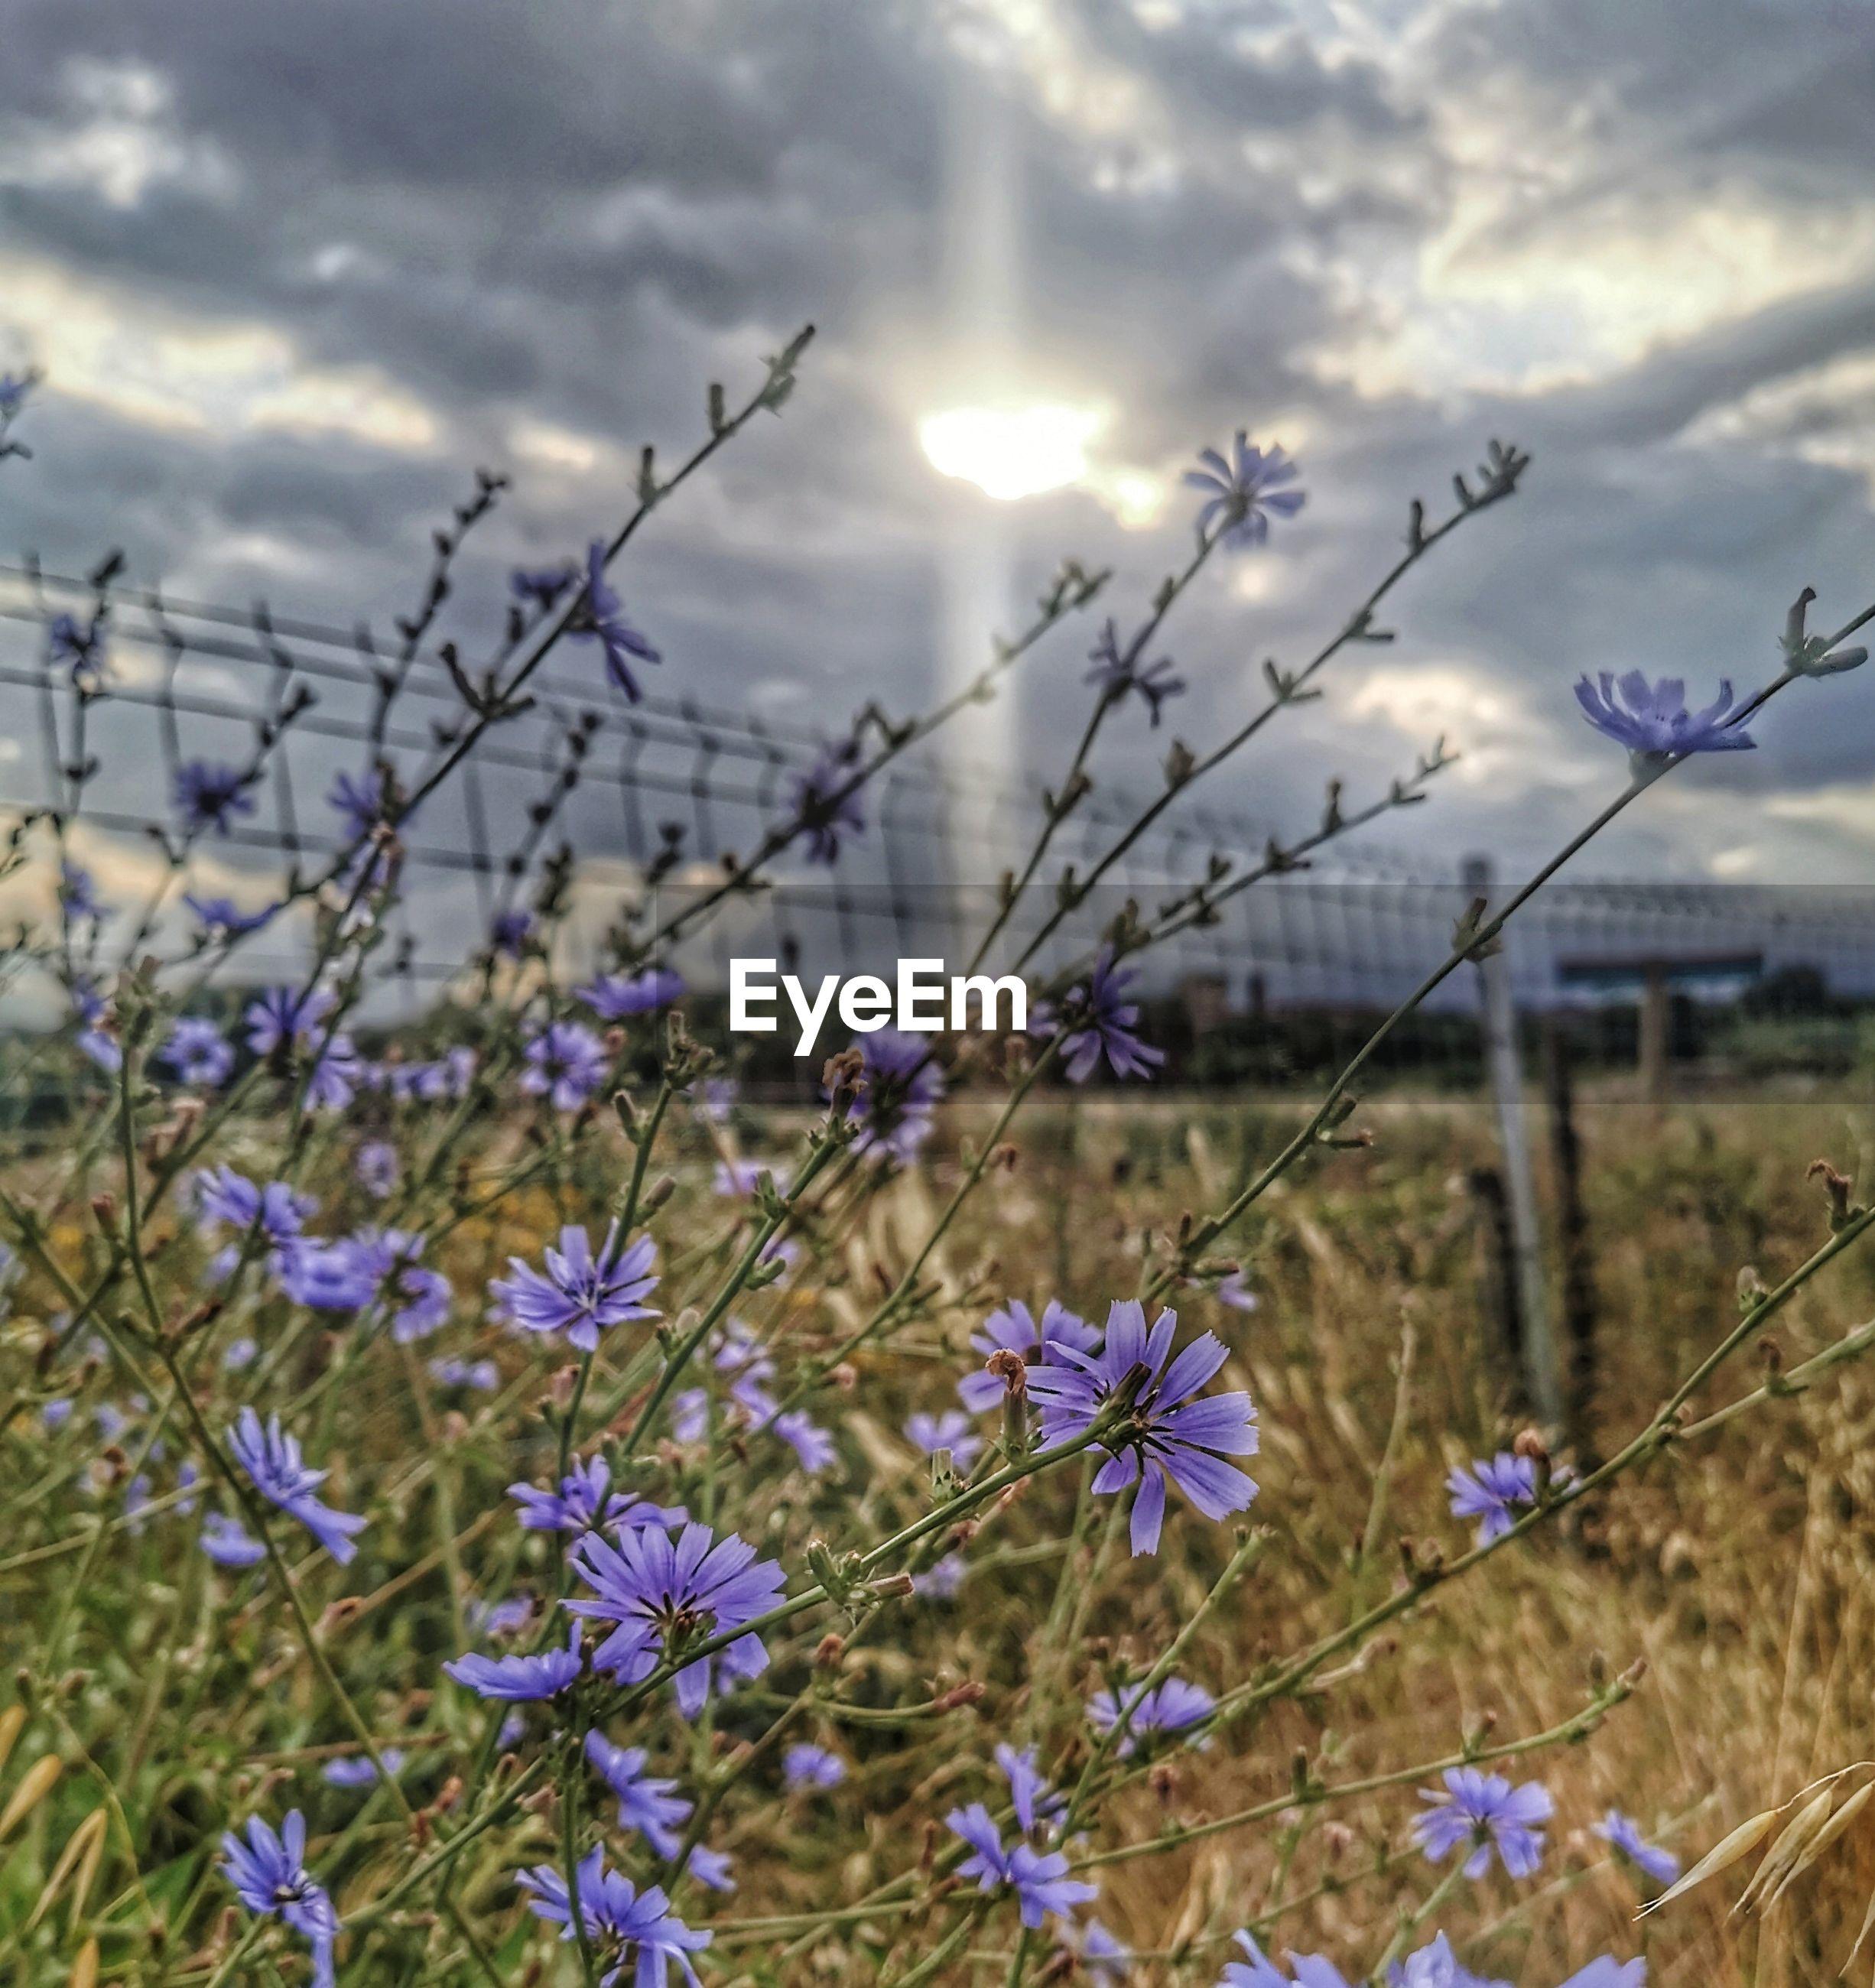 VIEW OF PURPLE FLOWERS ON FIELD